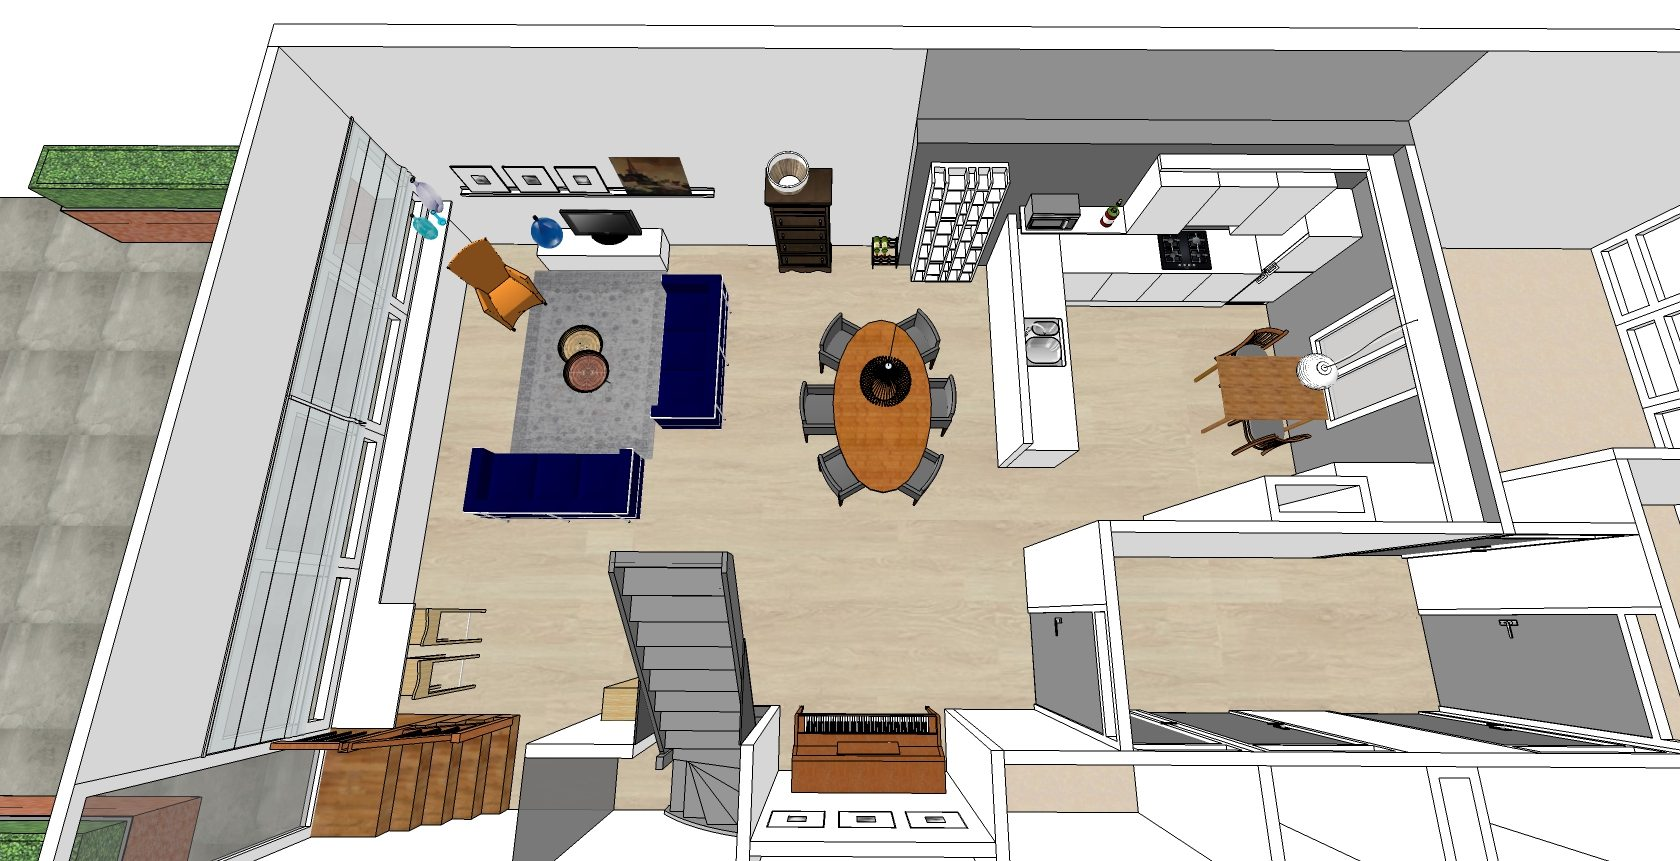 offiz-hoomz-zeist-appartement-utrecht-inrichtingsvoorstel-kleuradvies-plattegrond22